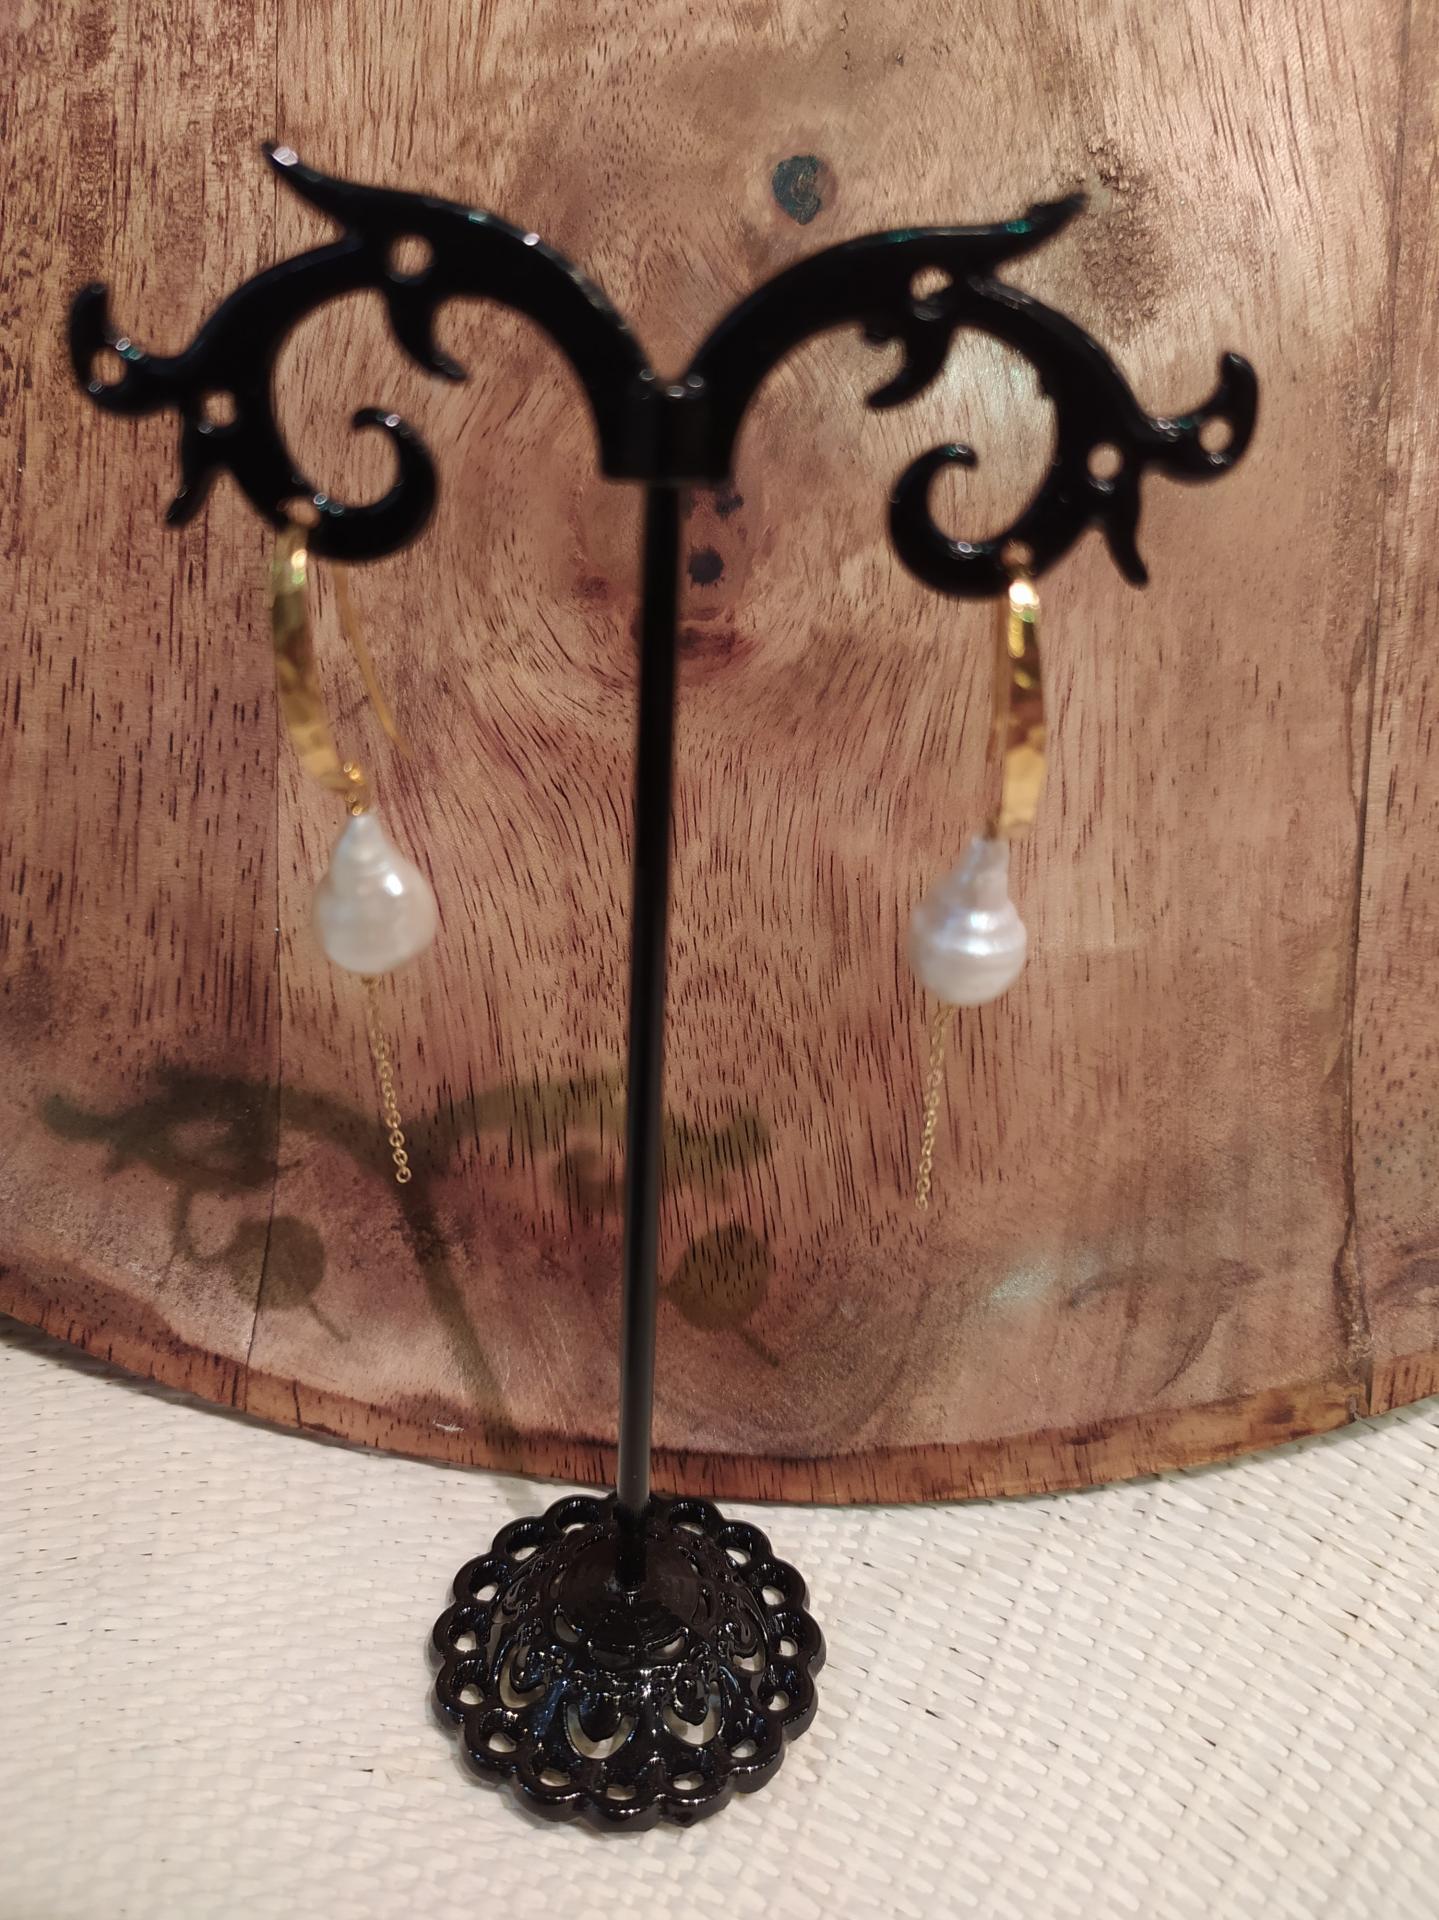 Bo perles baroques avec chaine ref 314 1 55 gr prix 59 eur longueur avec chaine environ 5cm